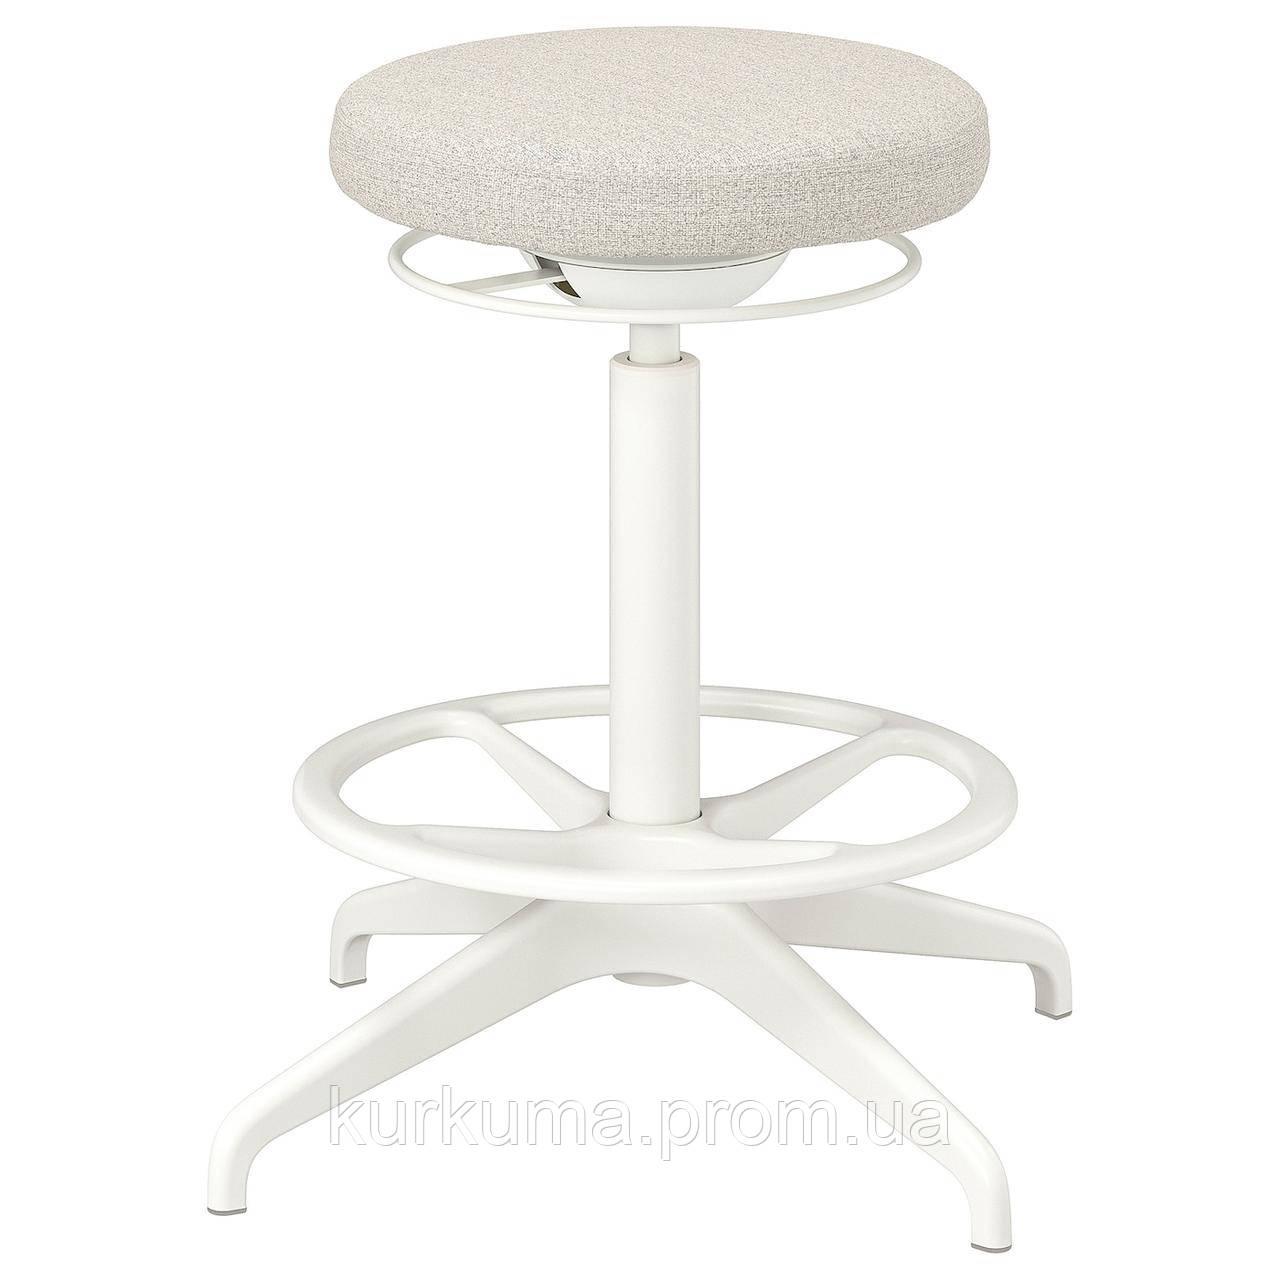 IKEA LIDKULLEN Рабочий стул, Ганнаруд бежевый (004.183.76)